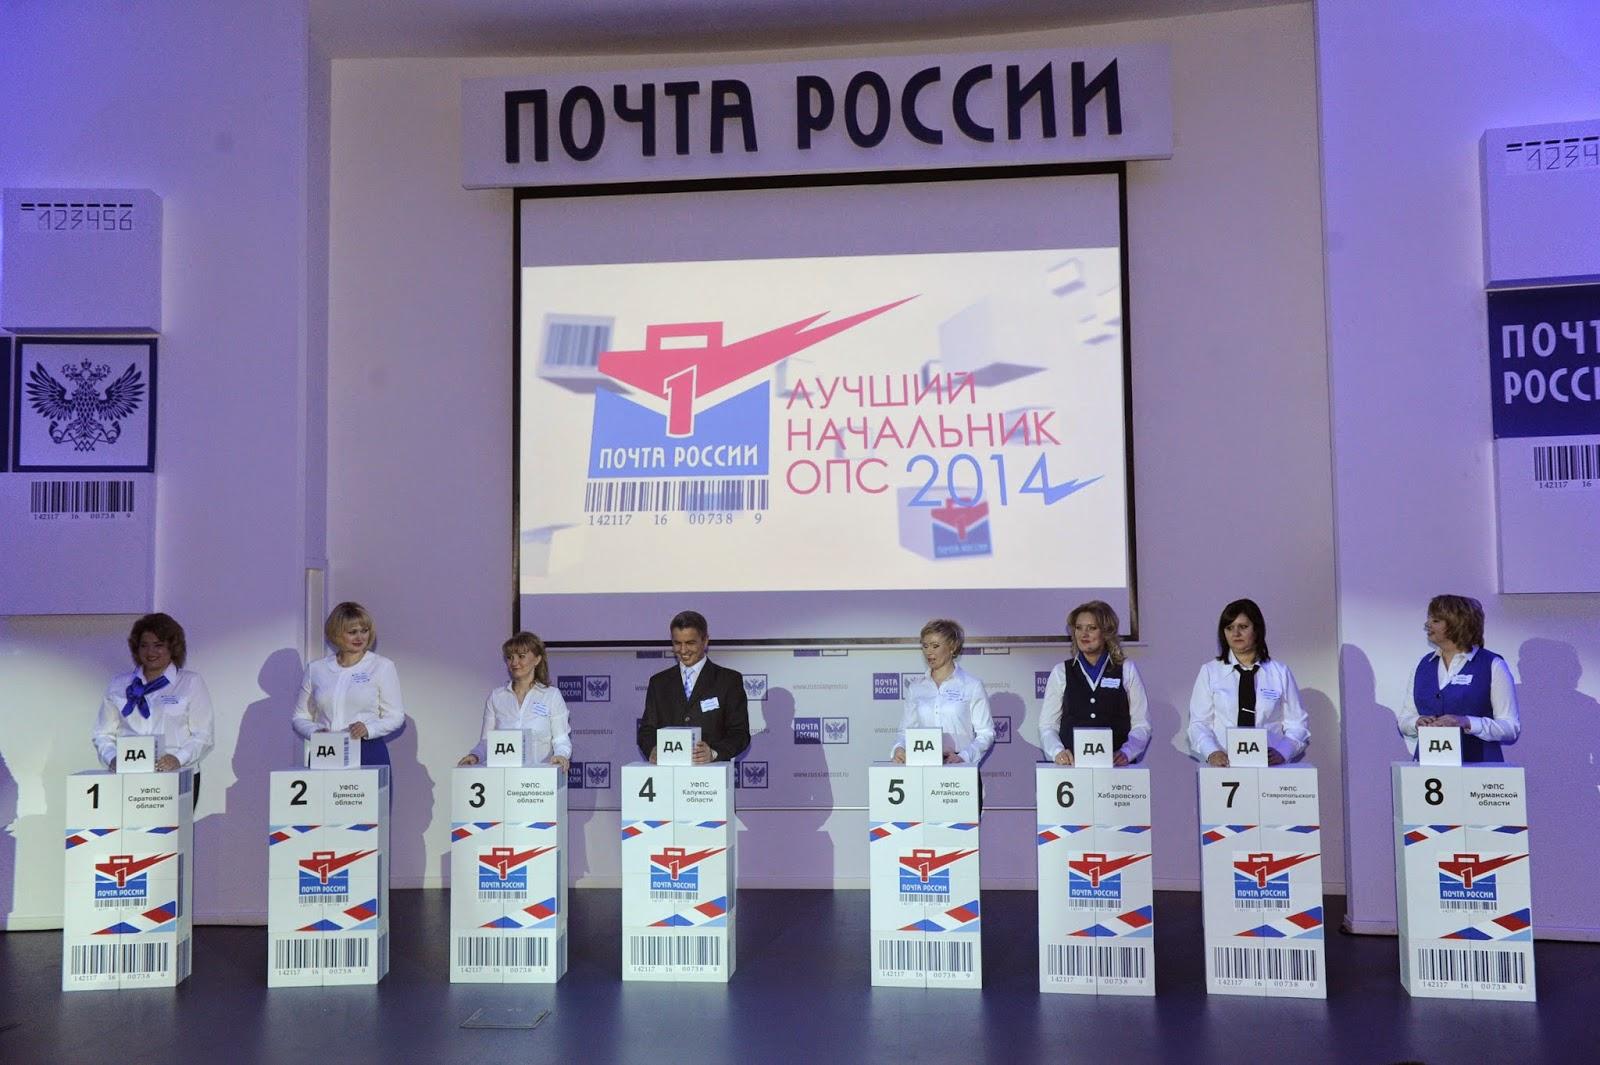 От детей детям конкурс почта россии